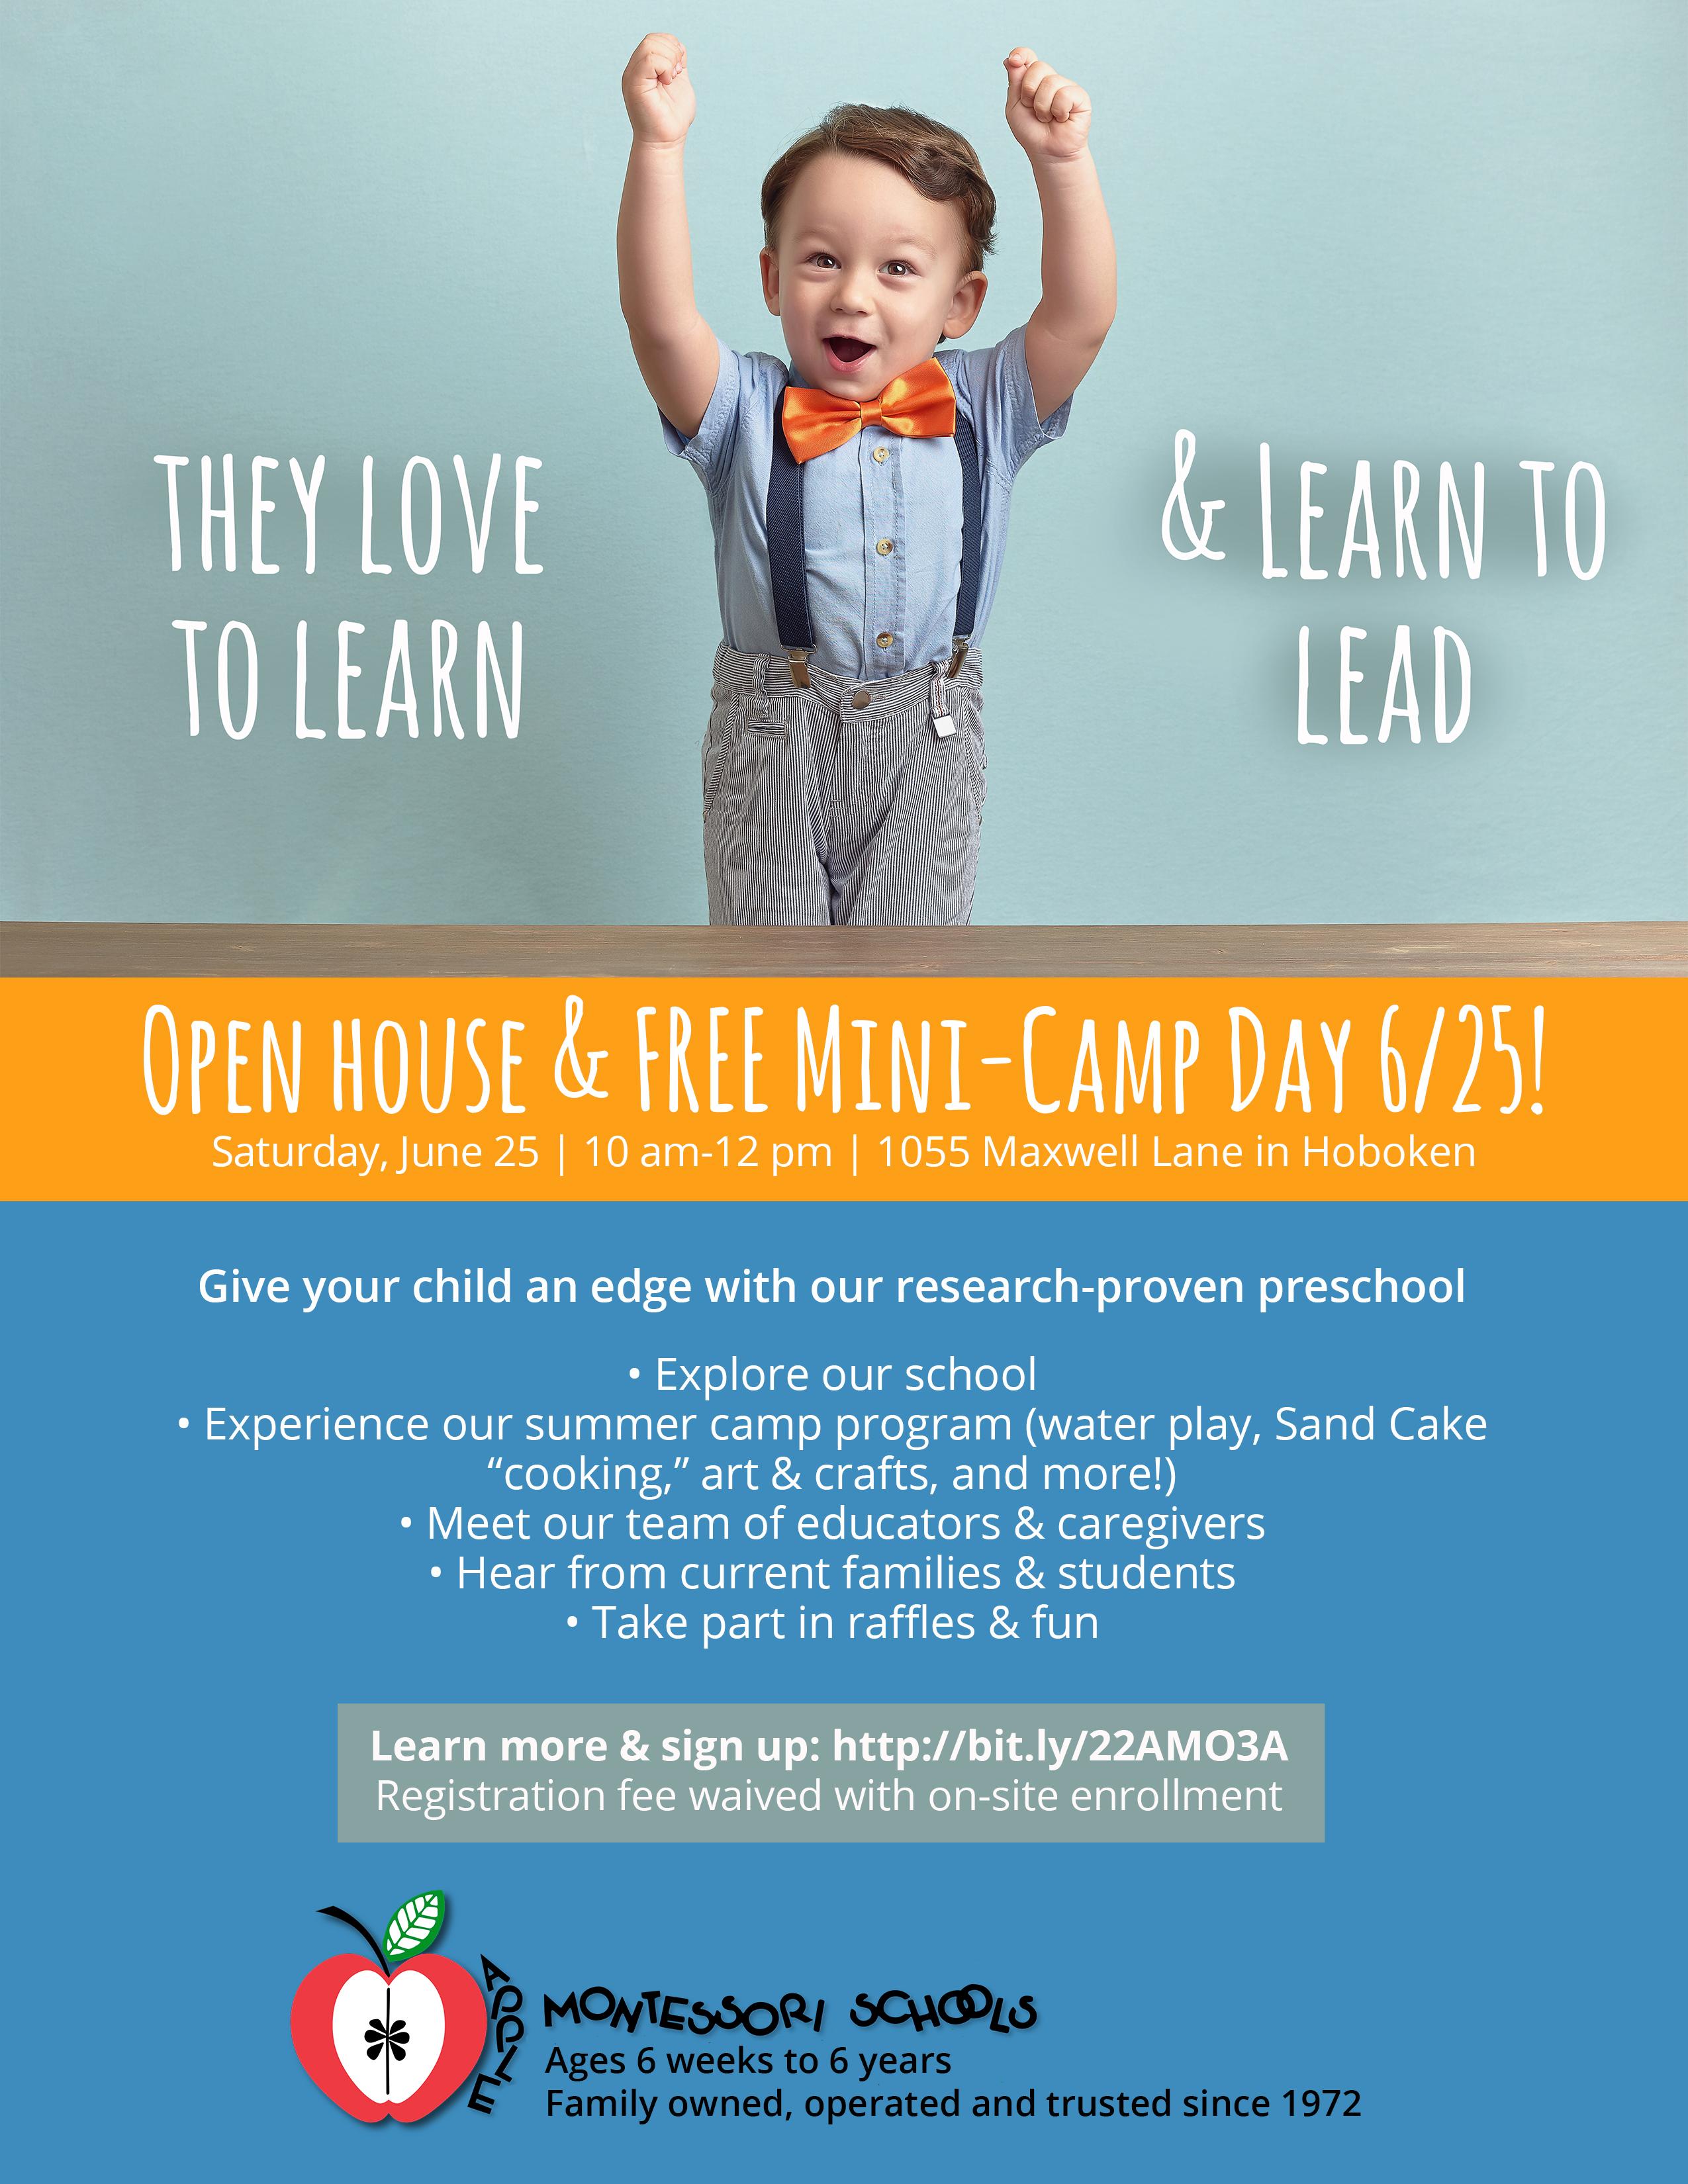 Apple montessori preschool open house amp free mini day camp ages 6